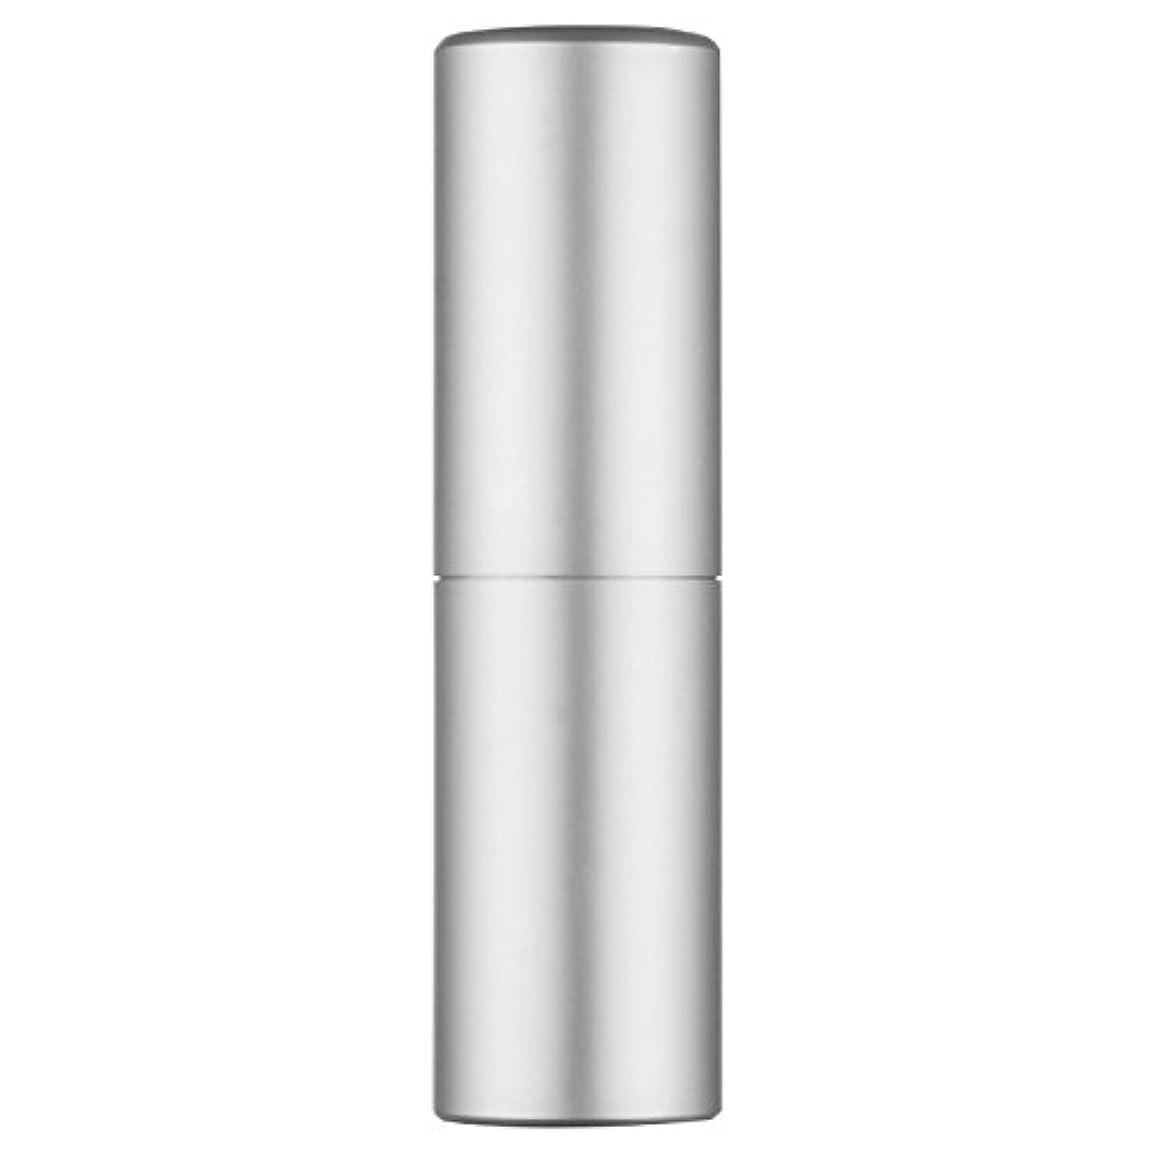 同化する扇動する銀行香水アトマイザー Faireach レディース スプレーボトル 香水噴霧器 旅行携帯便利 詰め替え容器 20ml (シルバー)